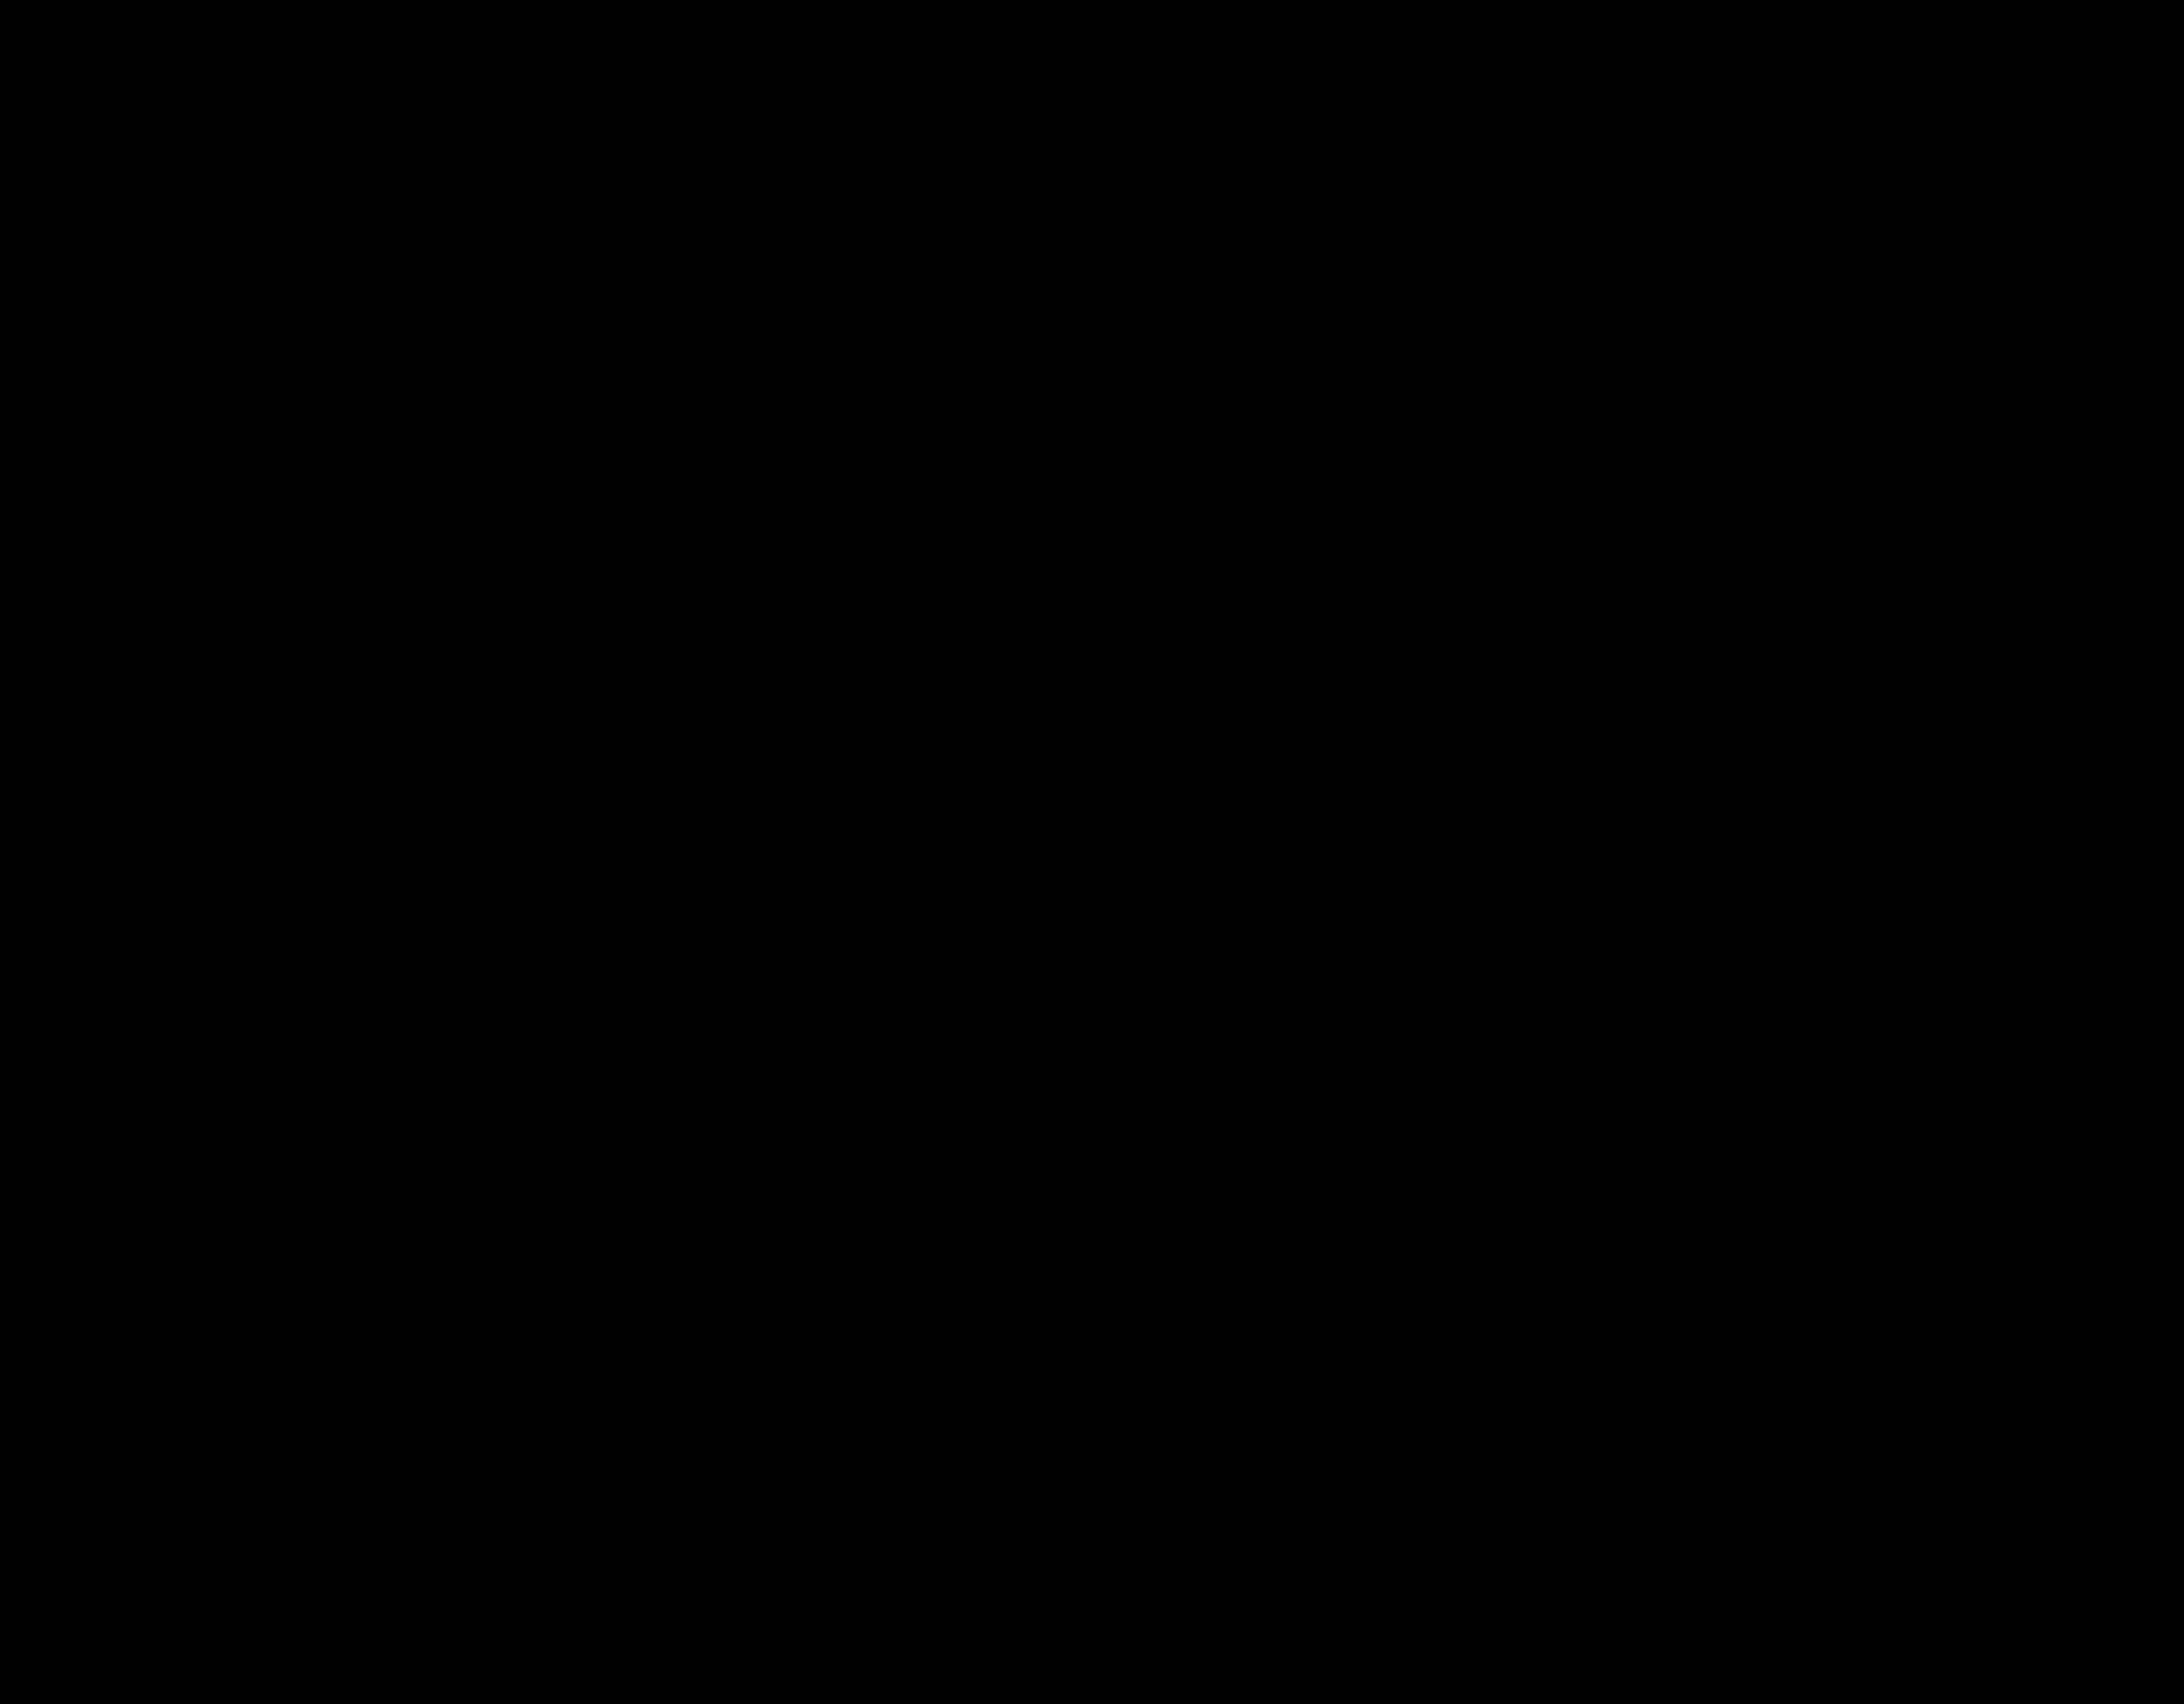 Karte Hamburg 1810 P G Heinrich Hamburg Karten Historische